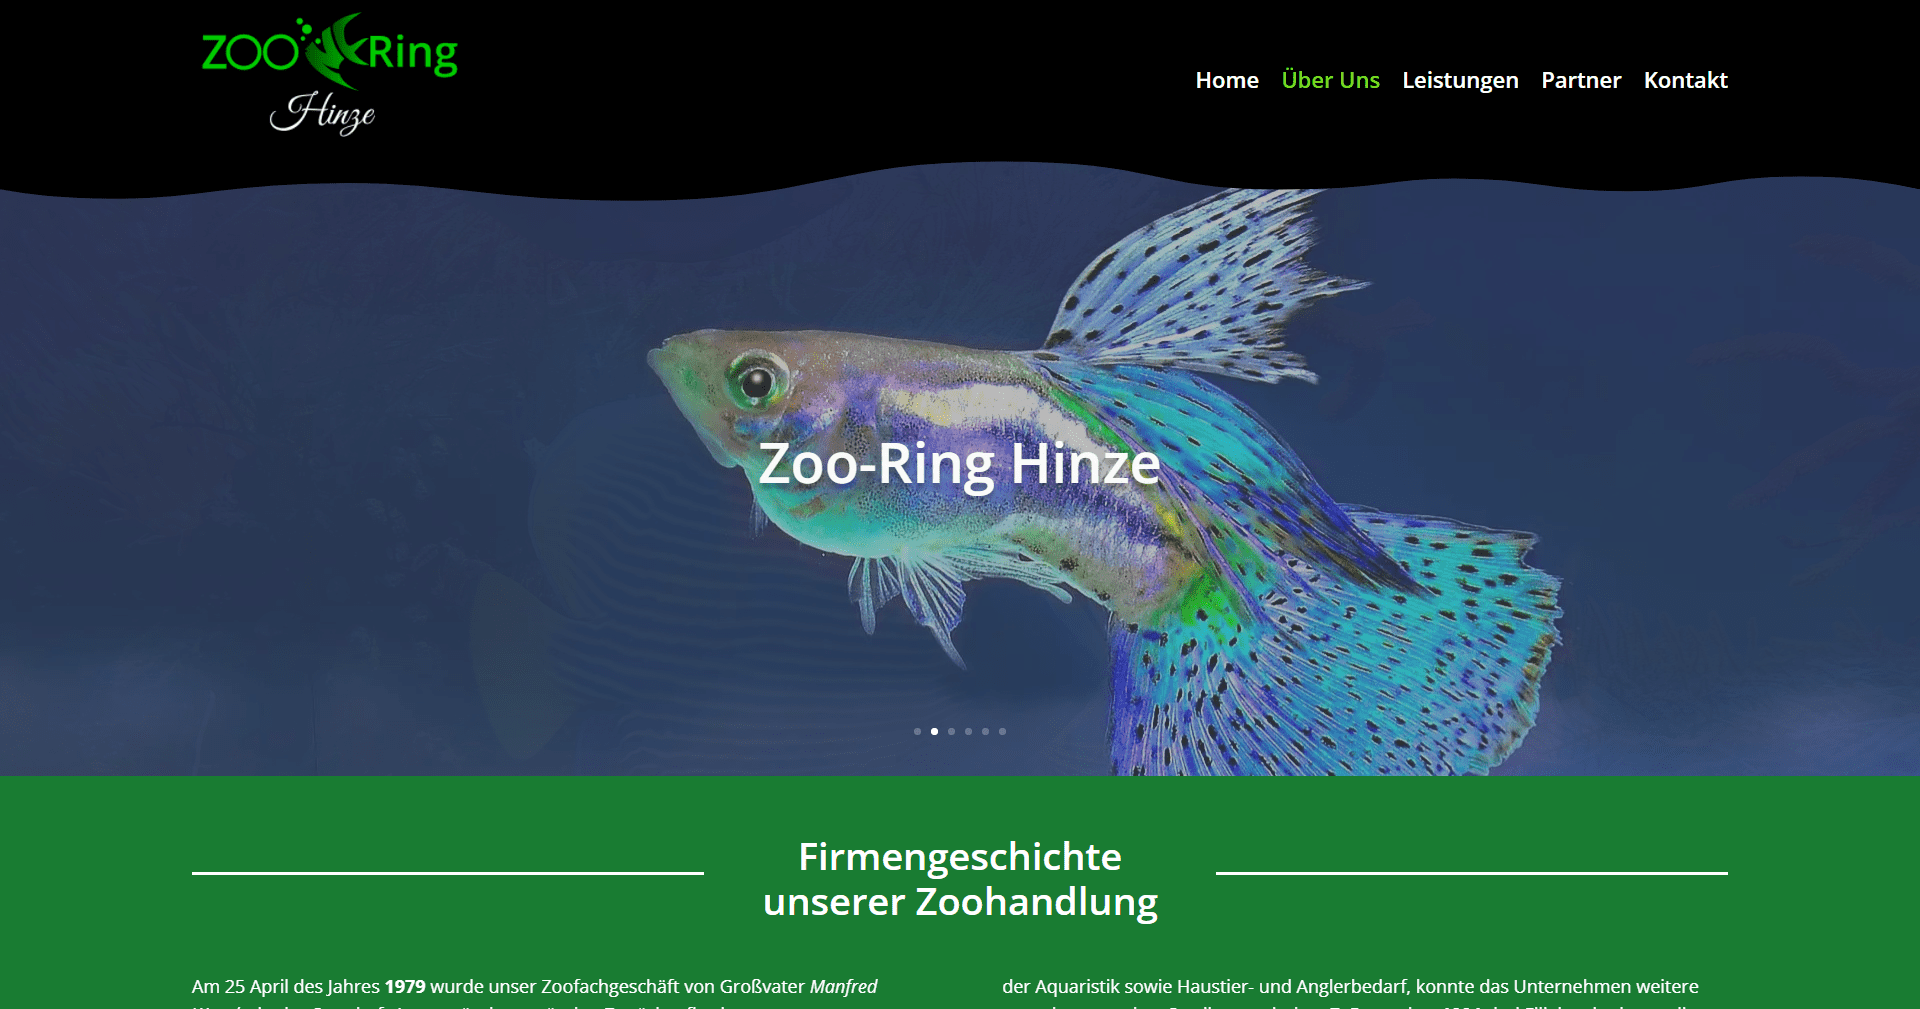 Zoo-Ring Hinze